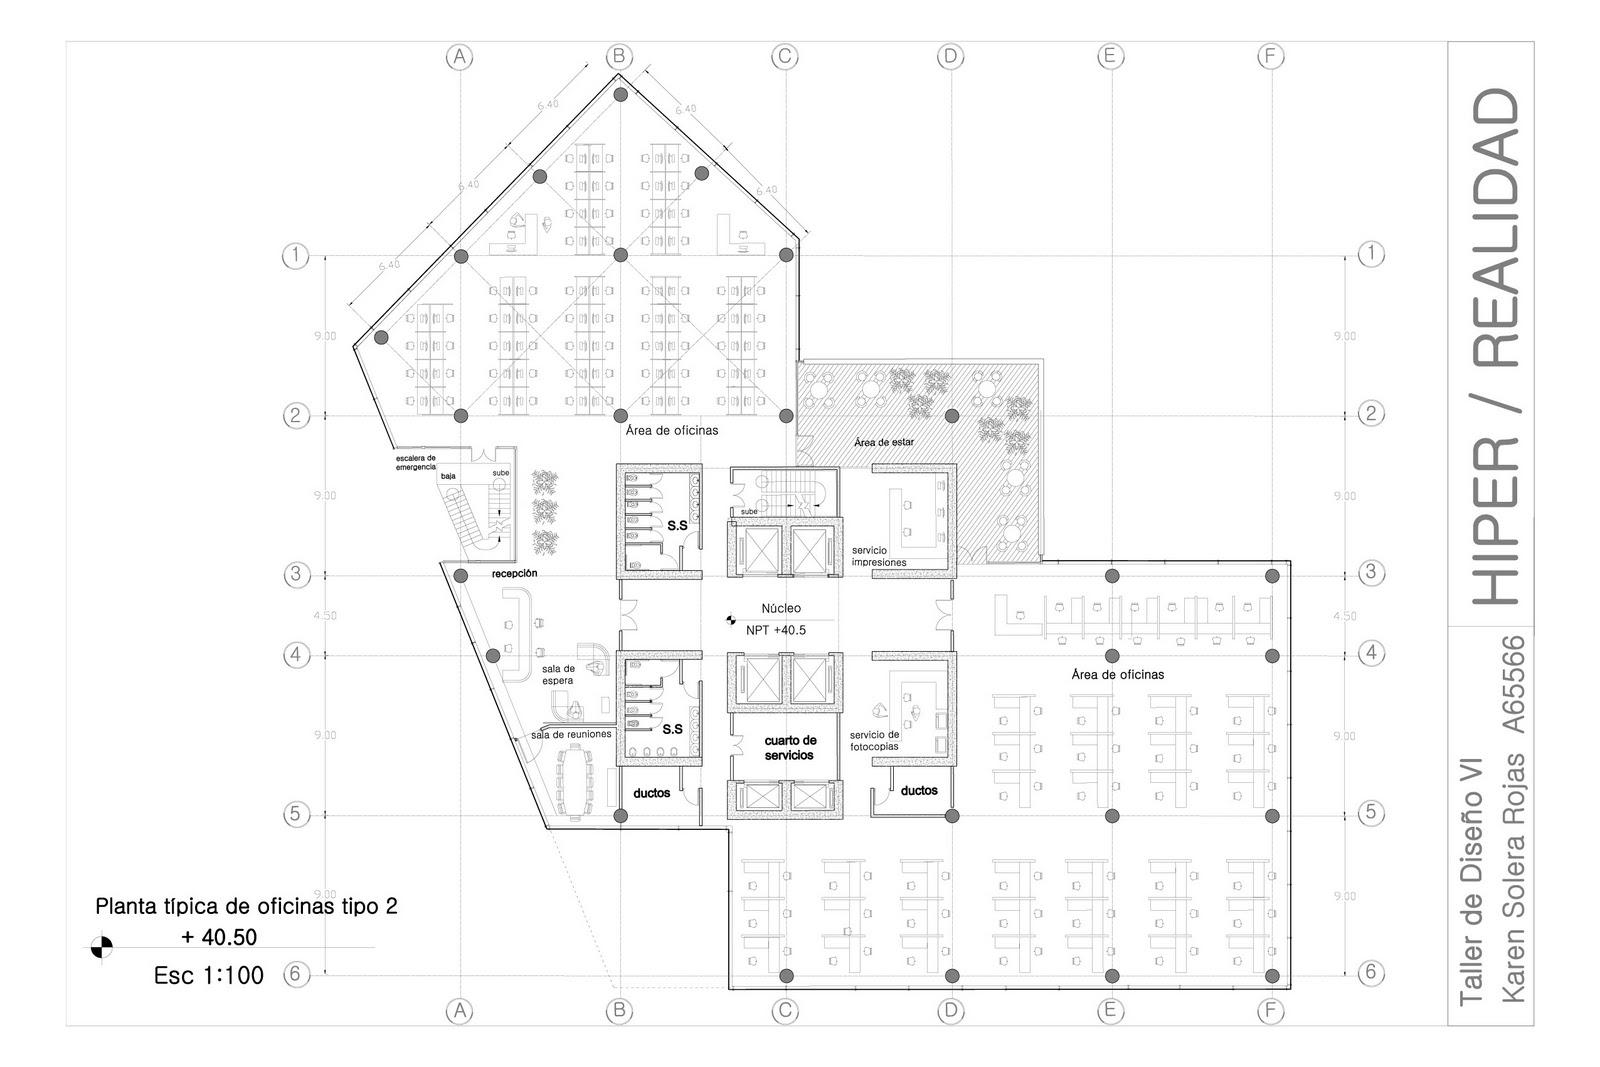 Hiper ficcion hiper realidad for Oficinas planta arquitectonica